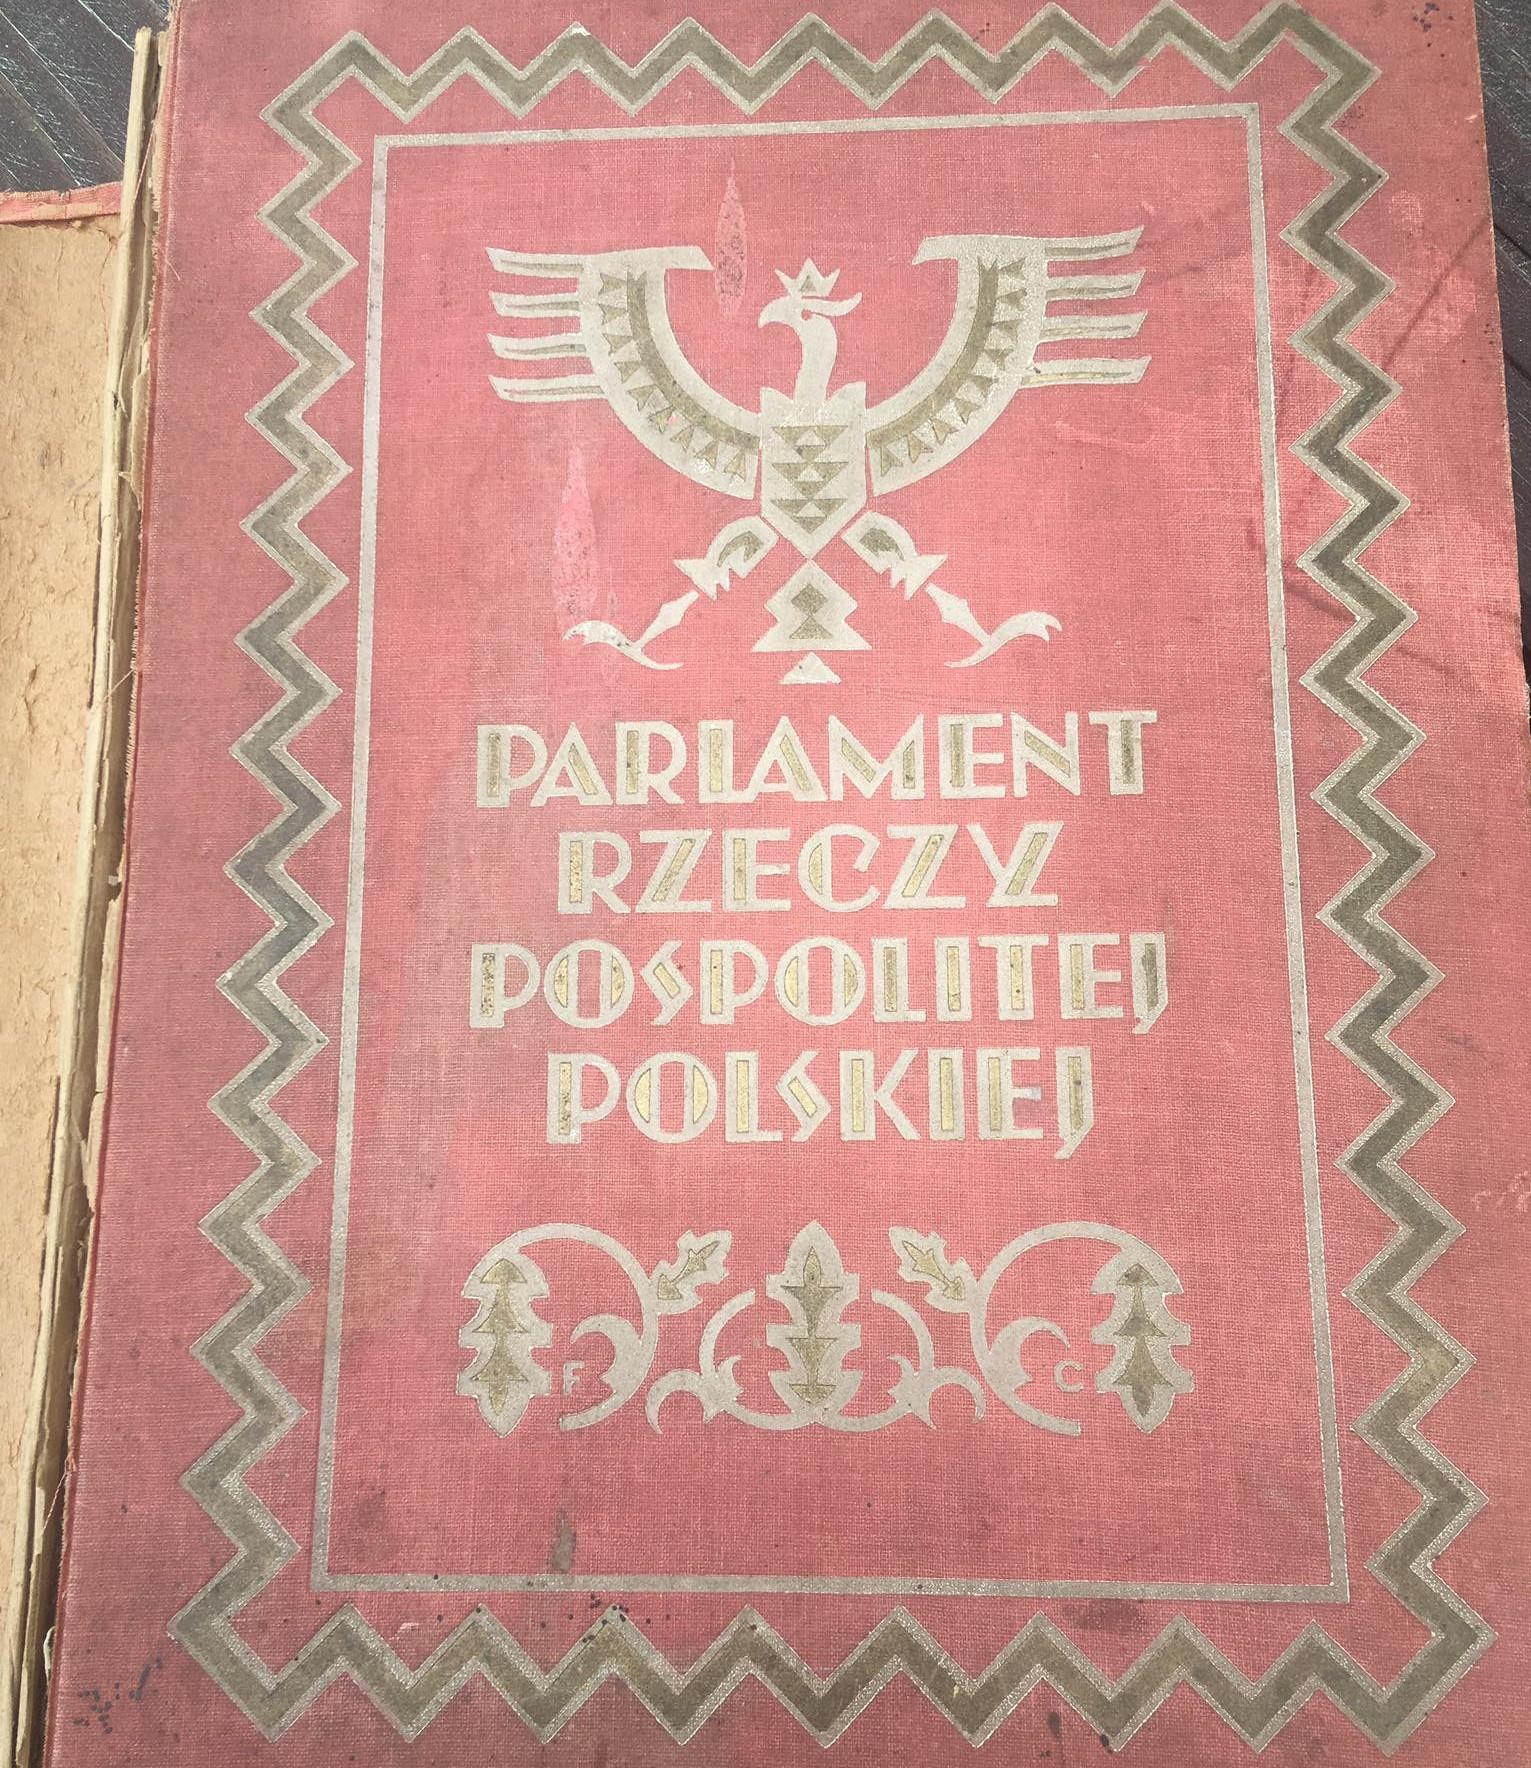 Parlament Rzeczypospolitej Polskiej 1919-1927 - Danuta Synkiewicz